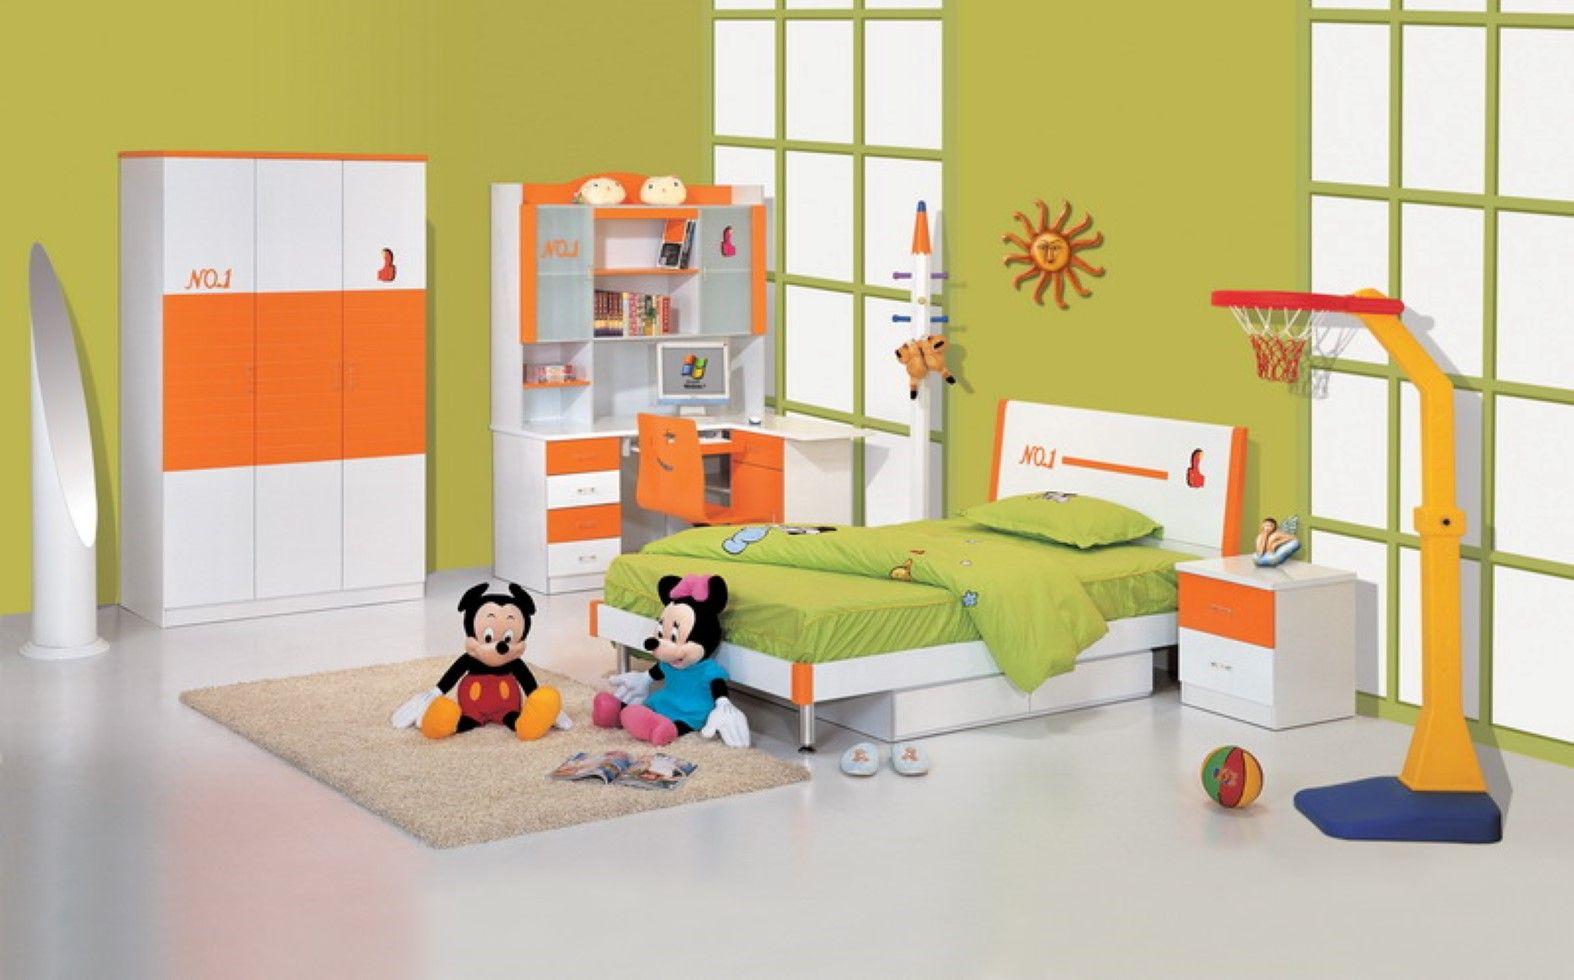 Betrachten Sie Den Raum Für Kinder Schlafzimmer Möbel Sets Küchen Die  Meisten Kinder Schlafzimmer Möbel